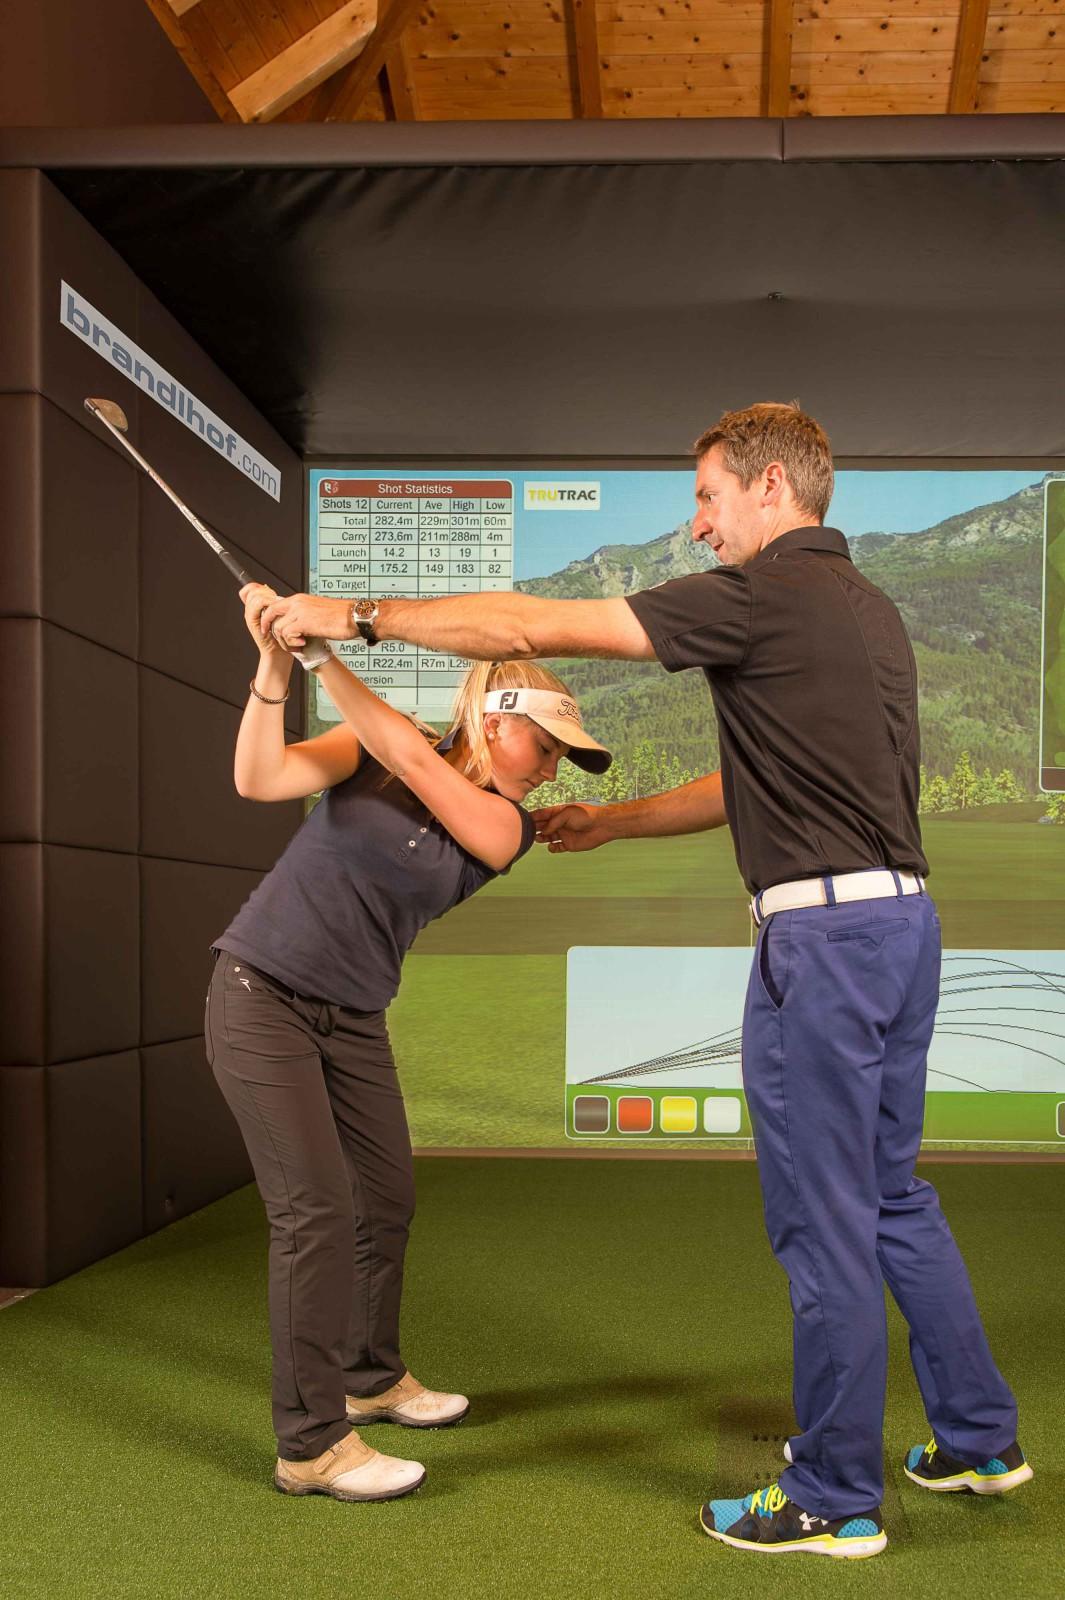 Auch Schüler und Schülerinnen des Sportgymnasiums HIB in Saalfelden trainieren unter der Leitung von Systema Golf.